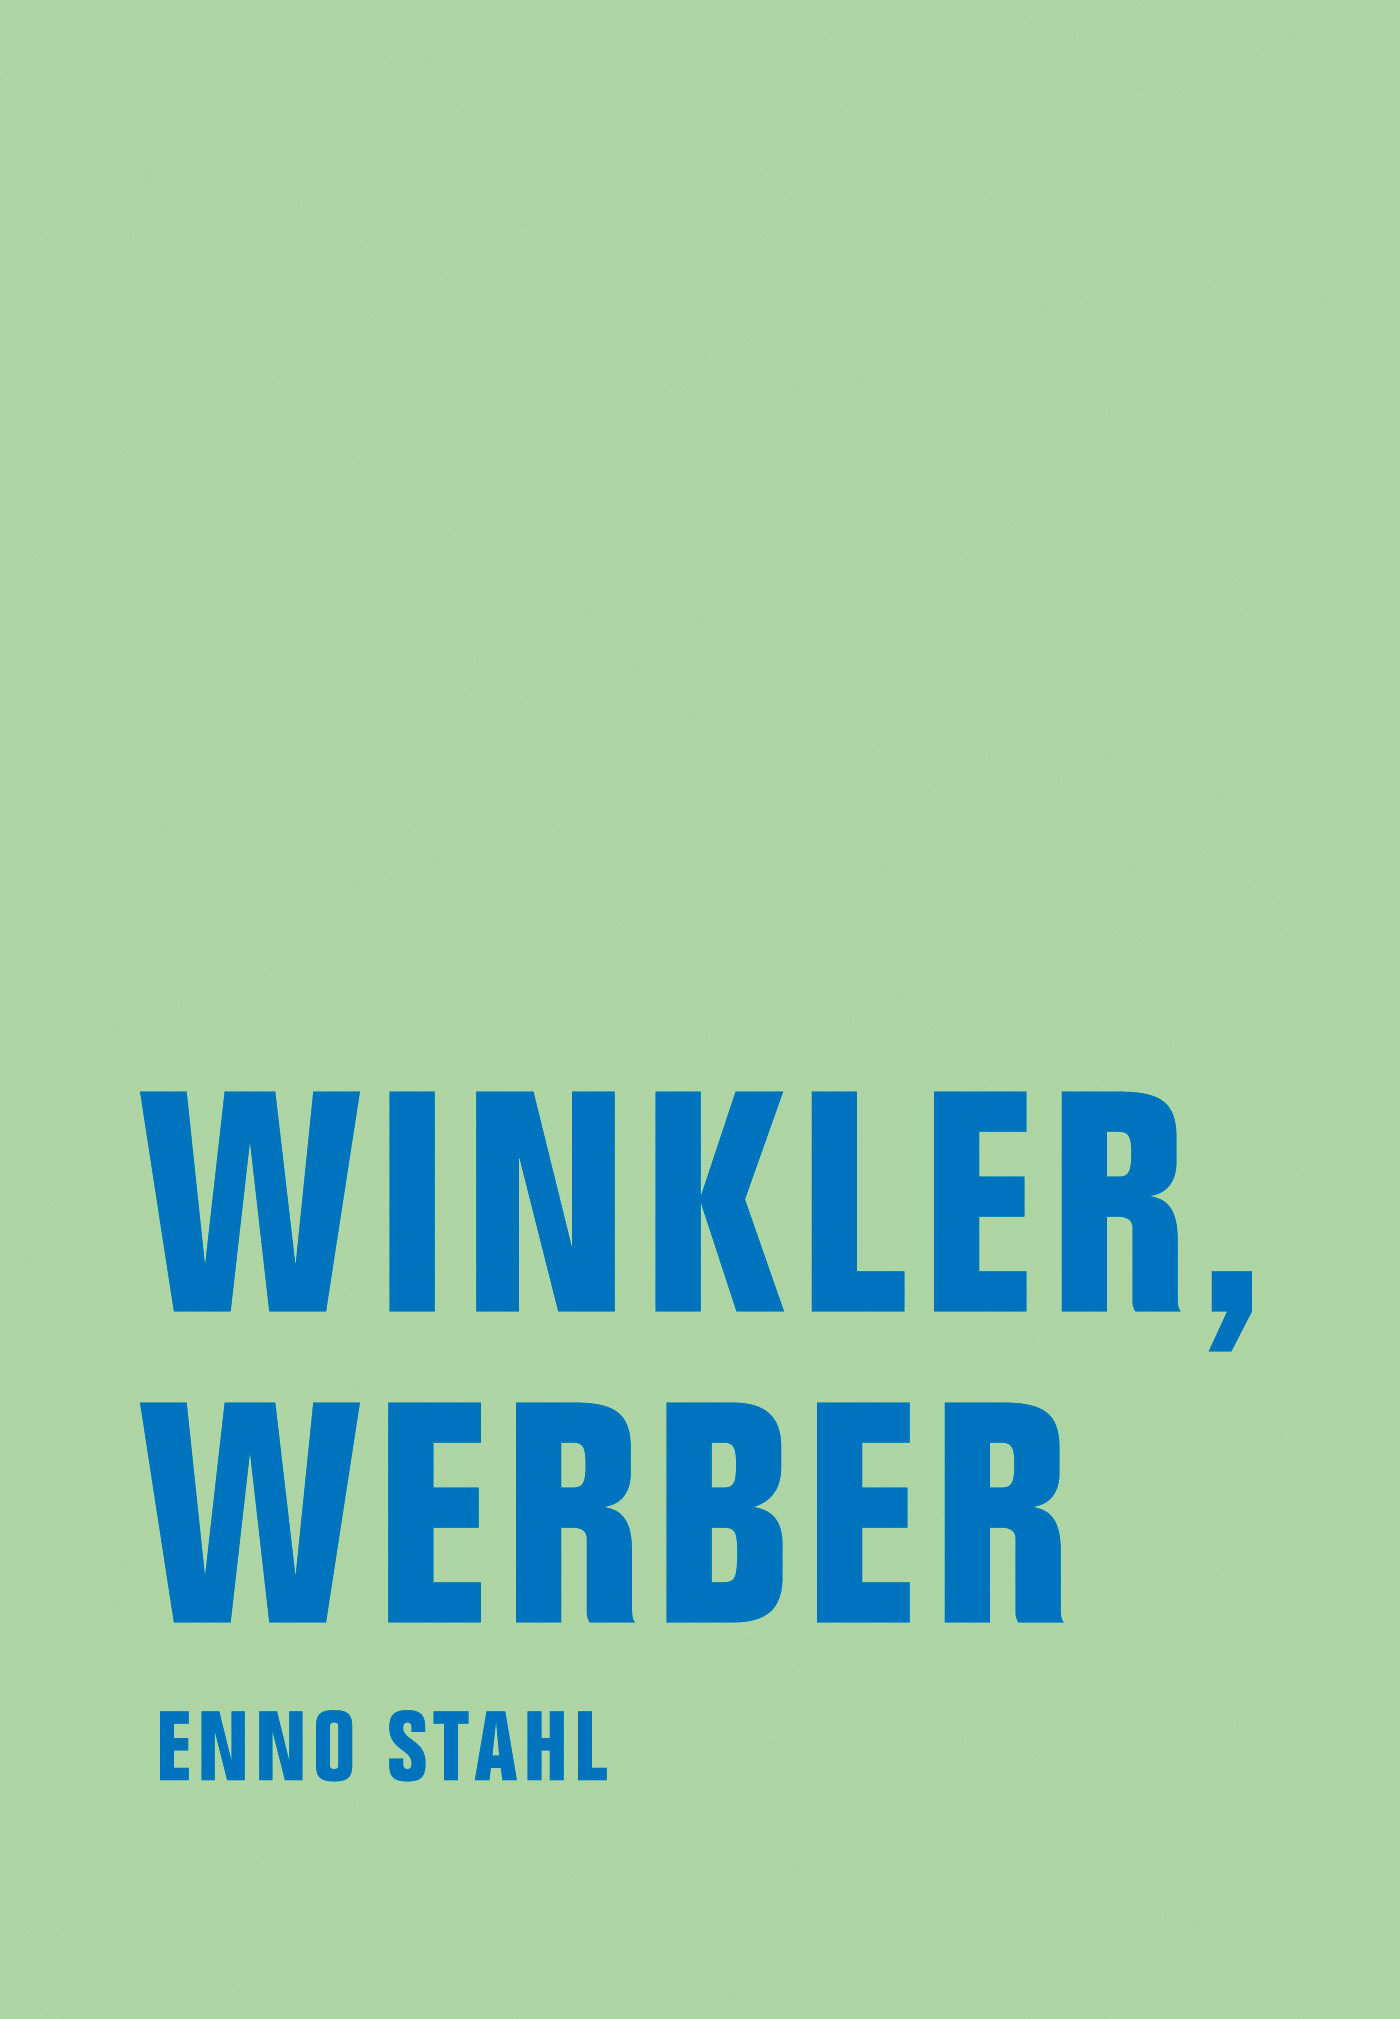 Enno Stahl Winkler, Werber ernst enno valitud värsid isbn 9789949530069